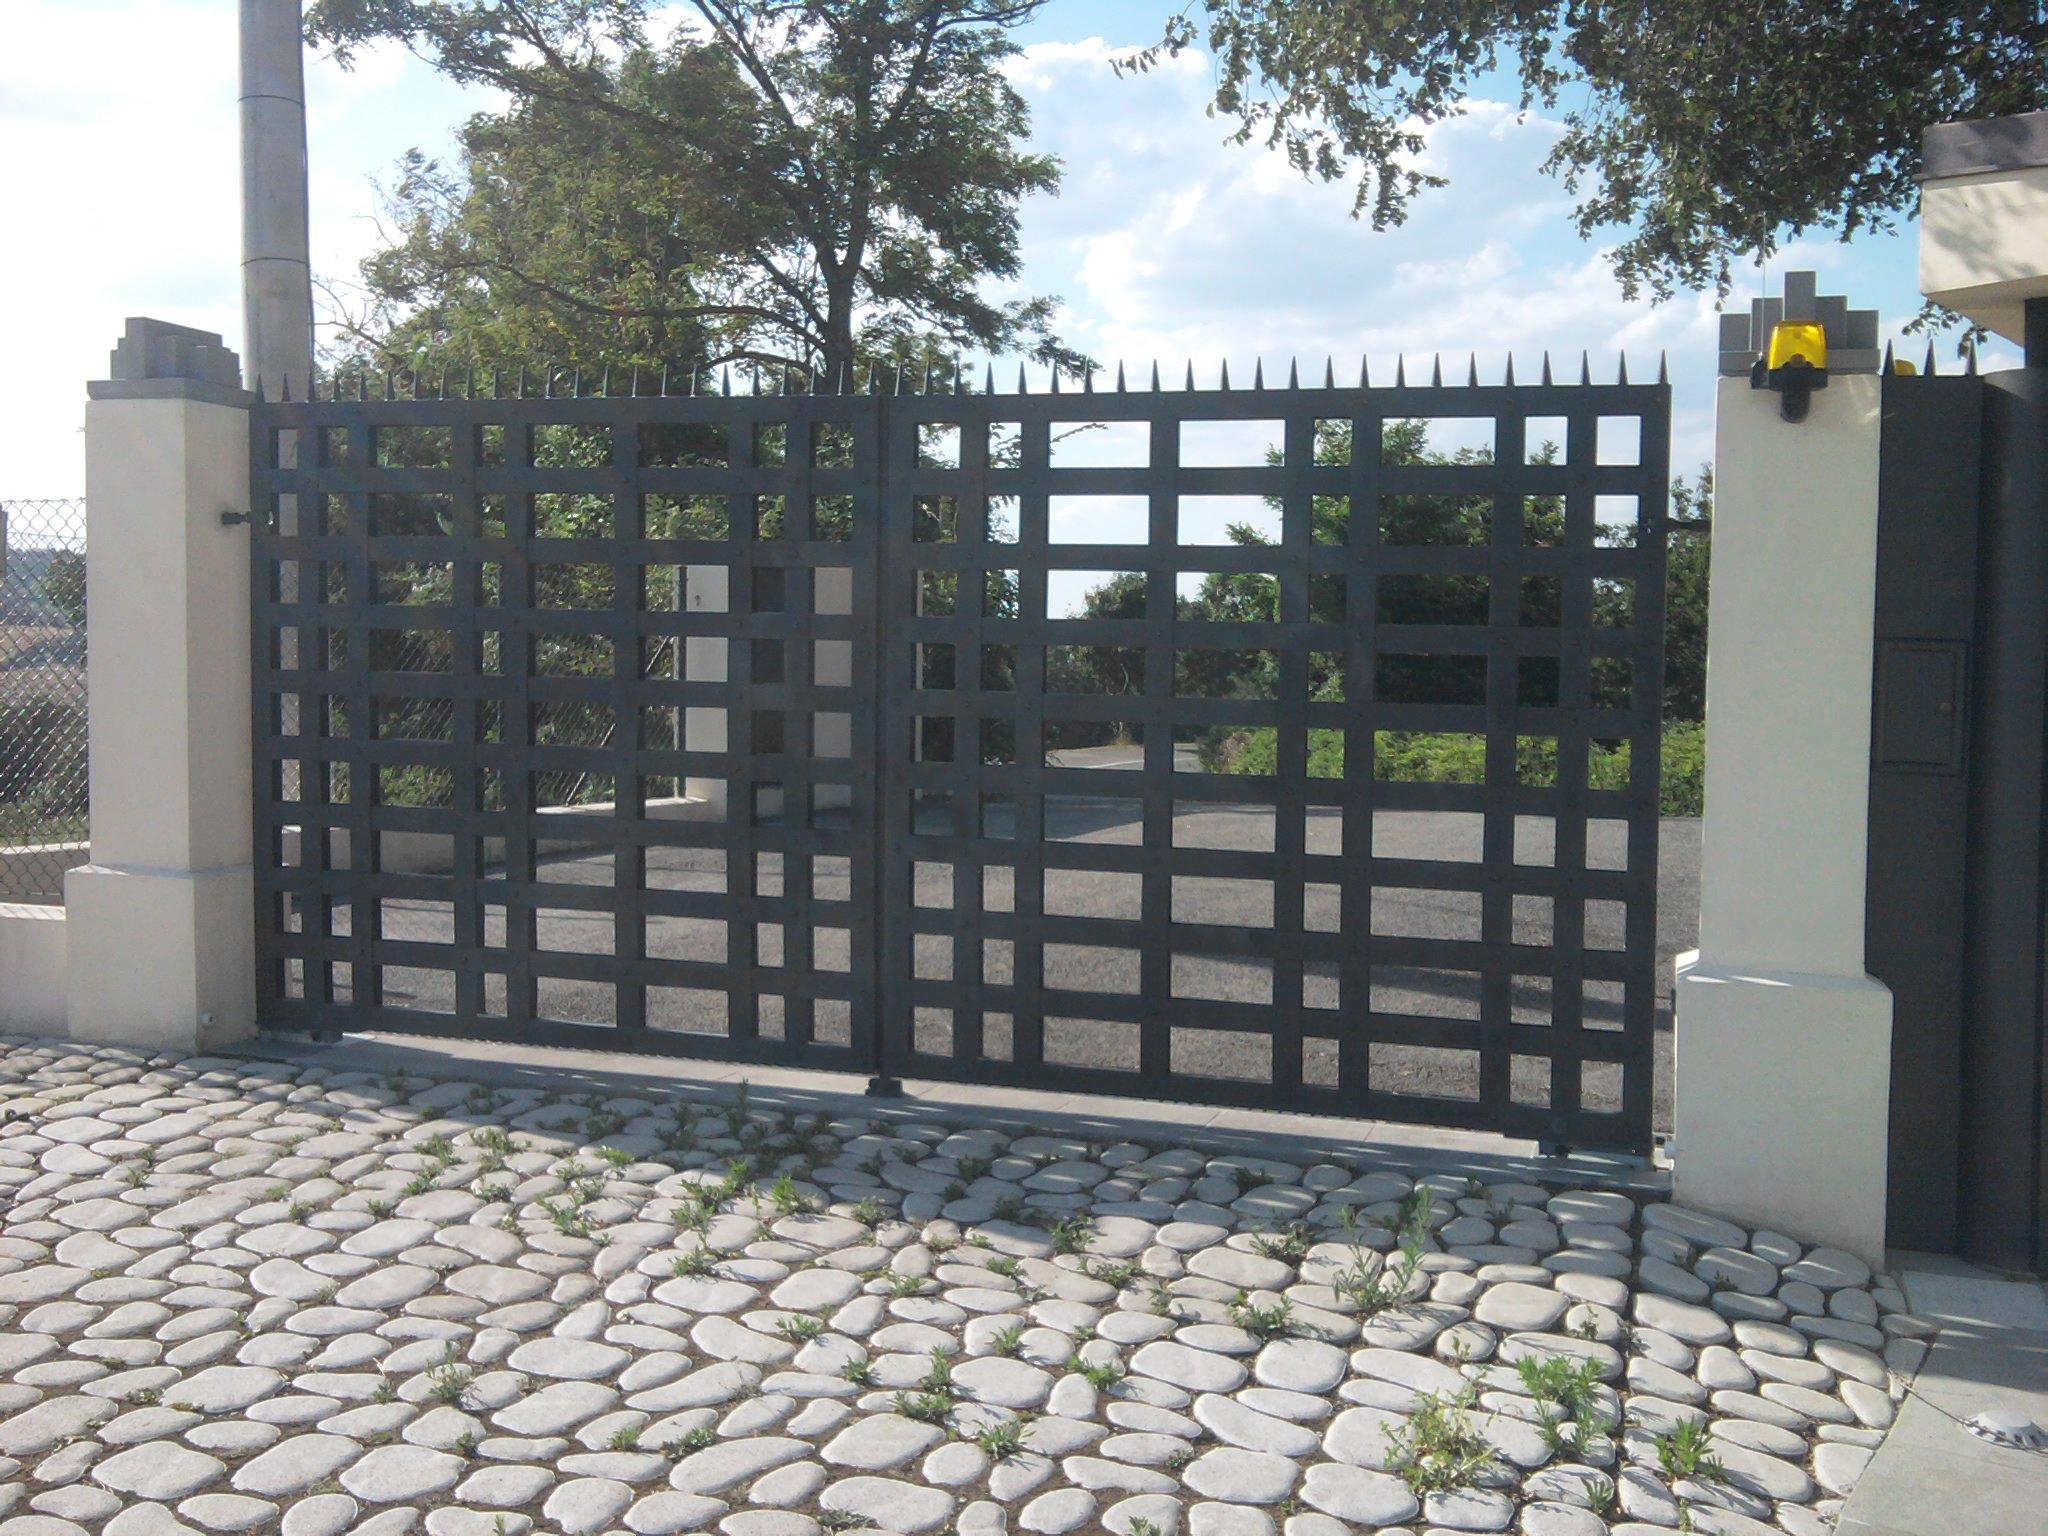 Cancello In Ferro Moderno.Installazione Cancello Personalizzato A Design Moderno Verucchio